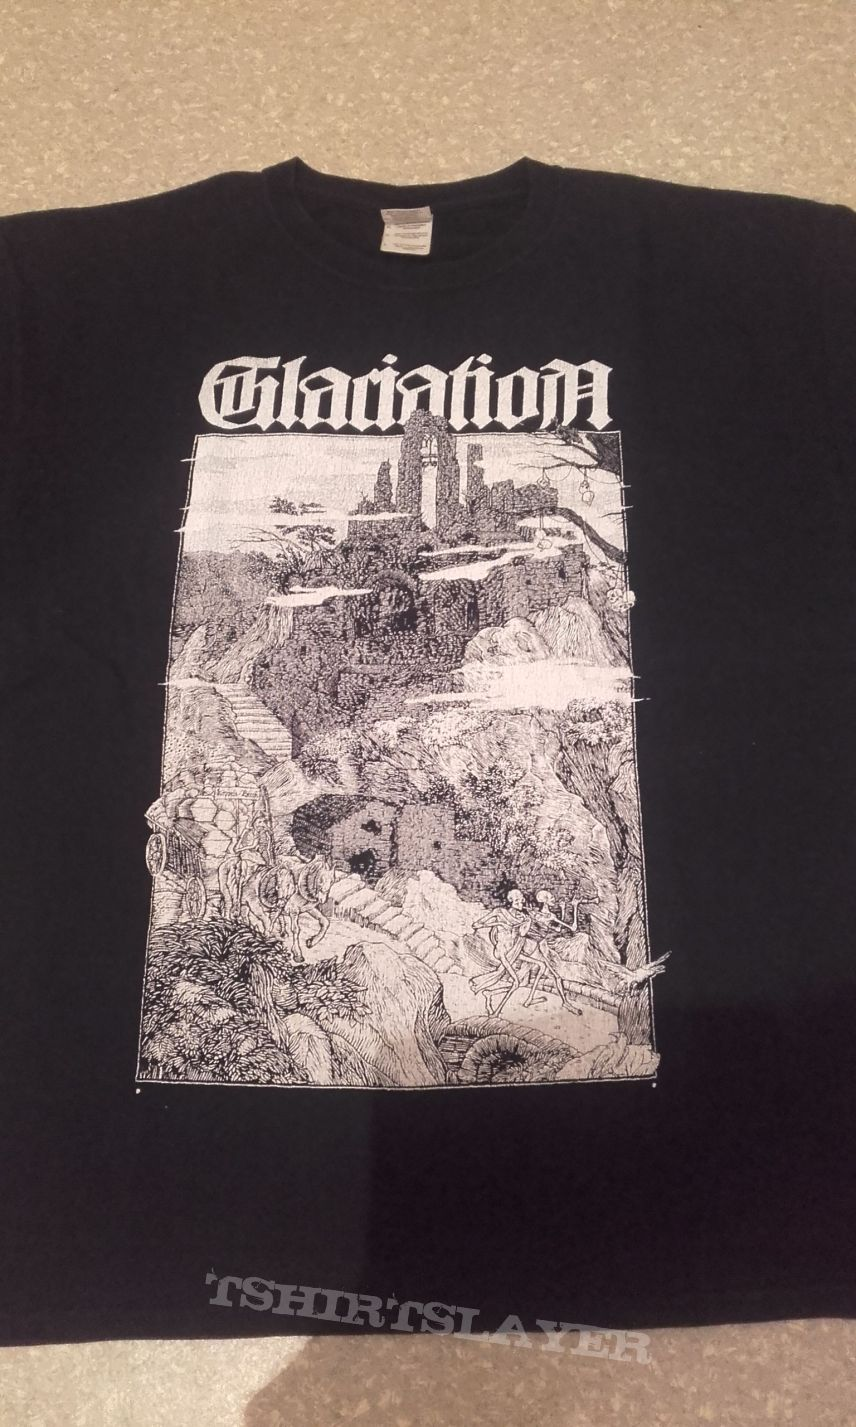 Glaciation tshirt